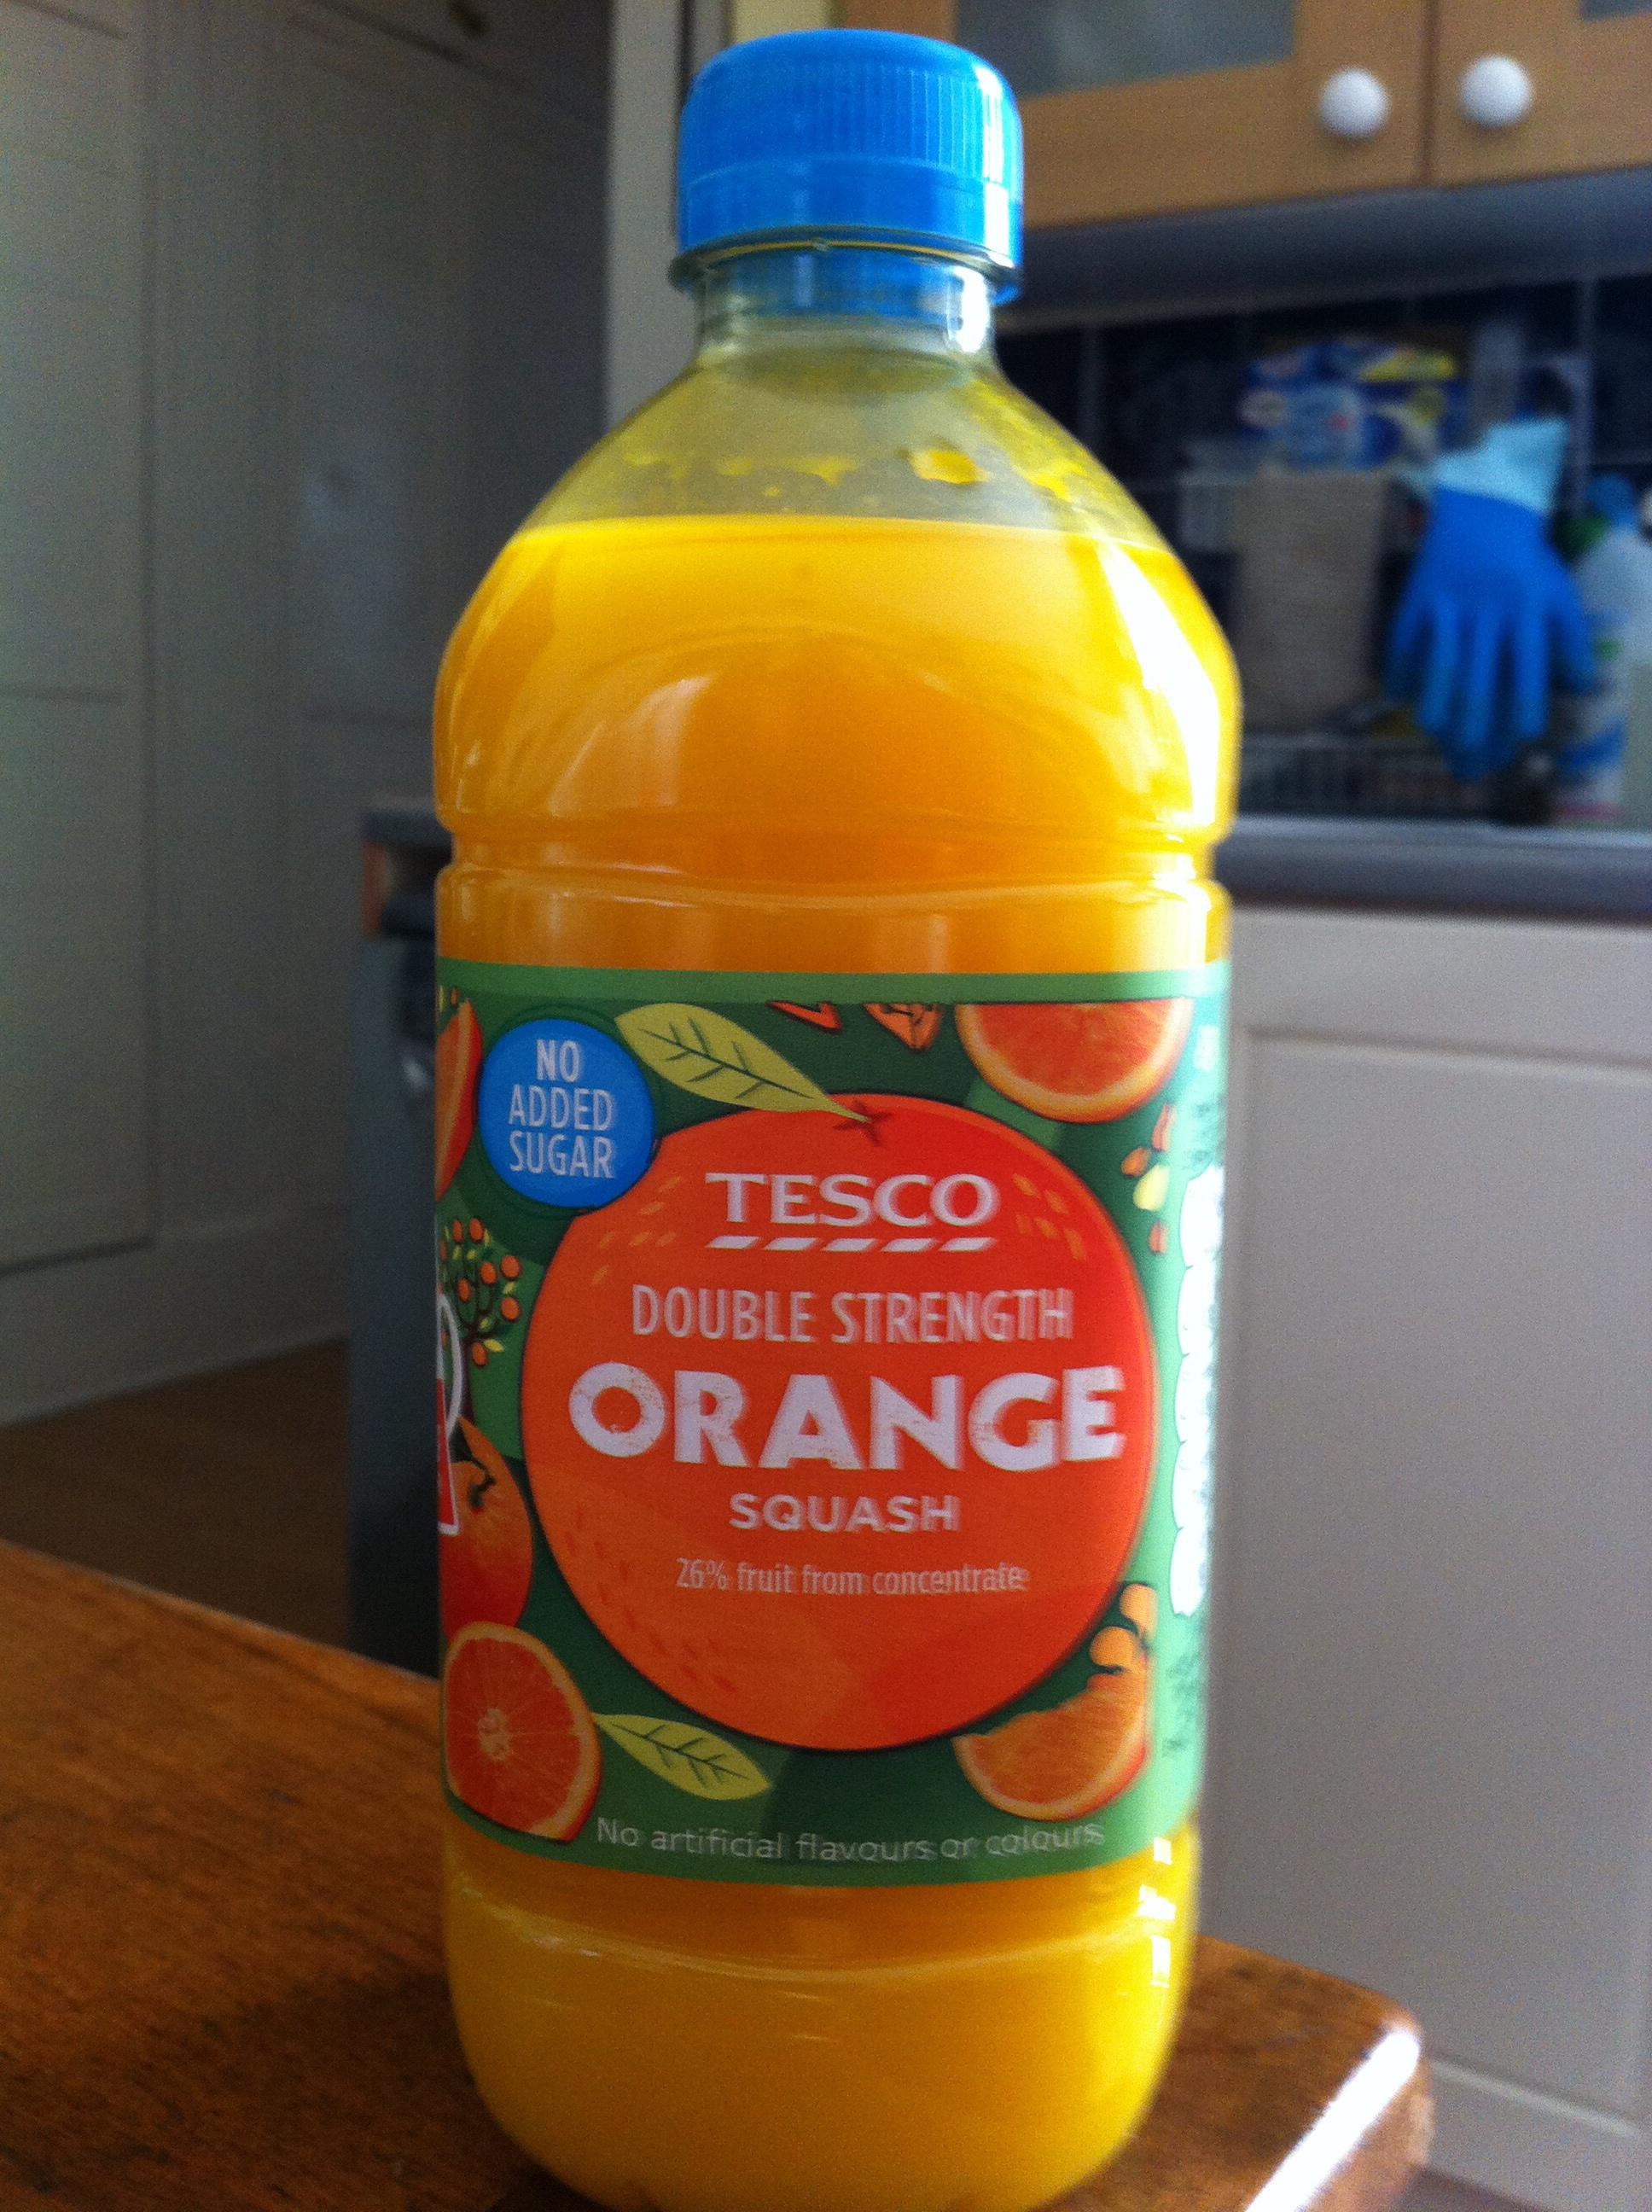 Tesco's orange squash